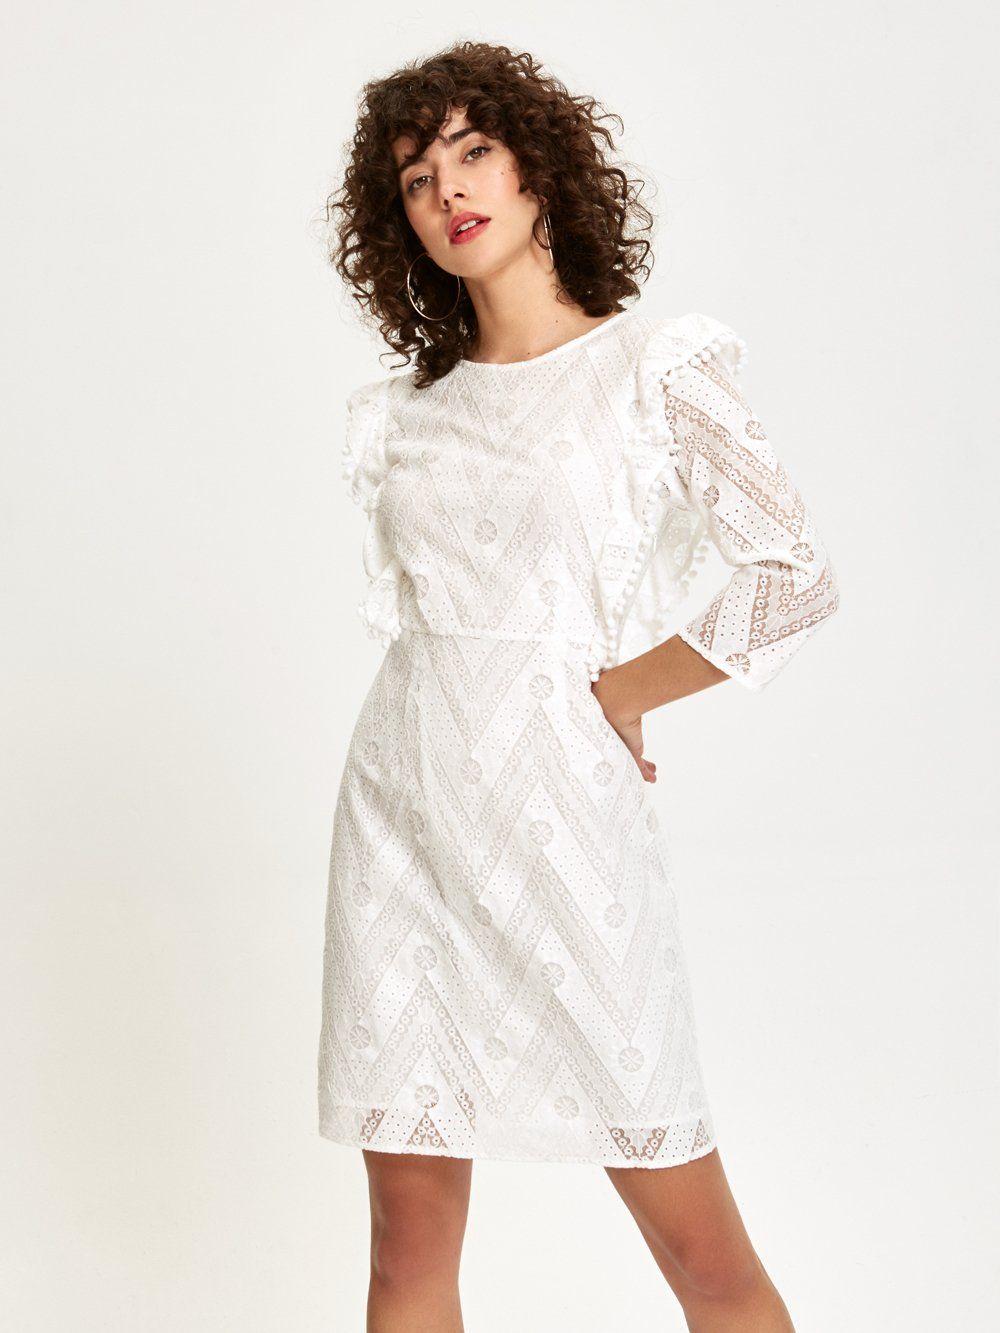 Vestidos blancos para invitadas de boda